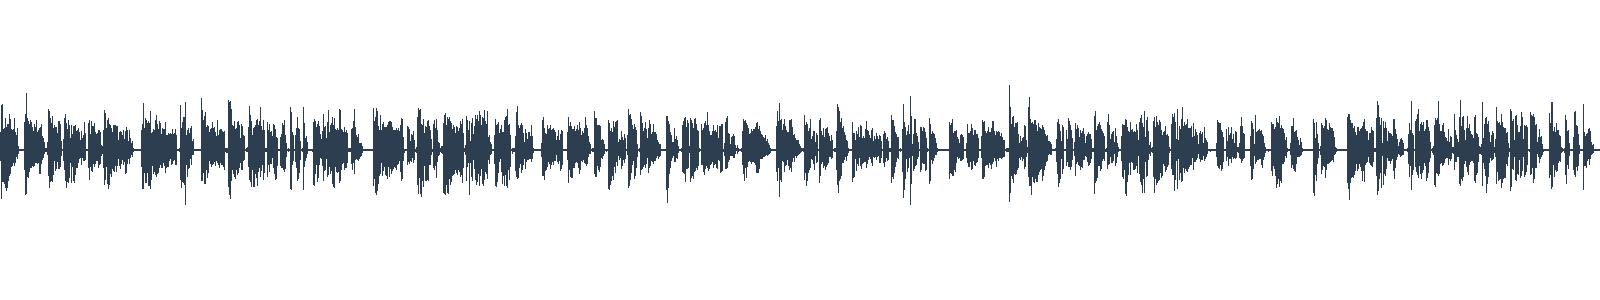 Gundžovníky waveform